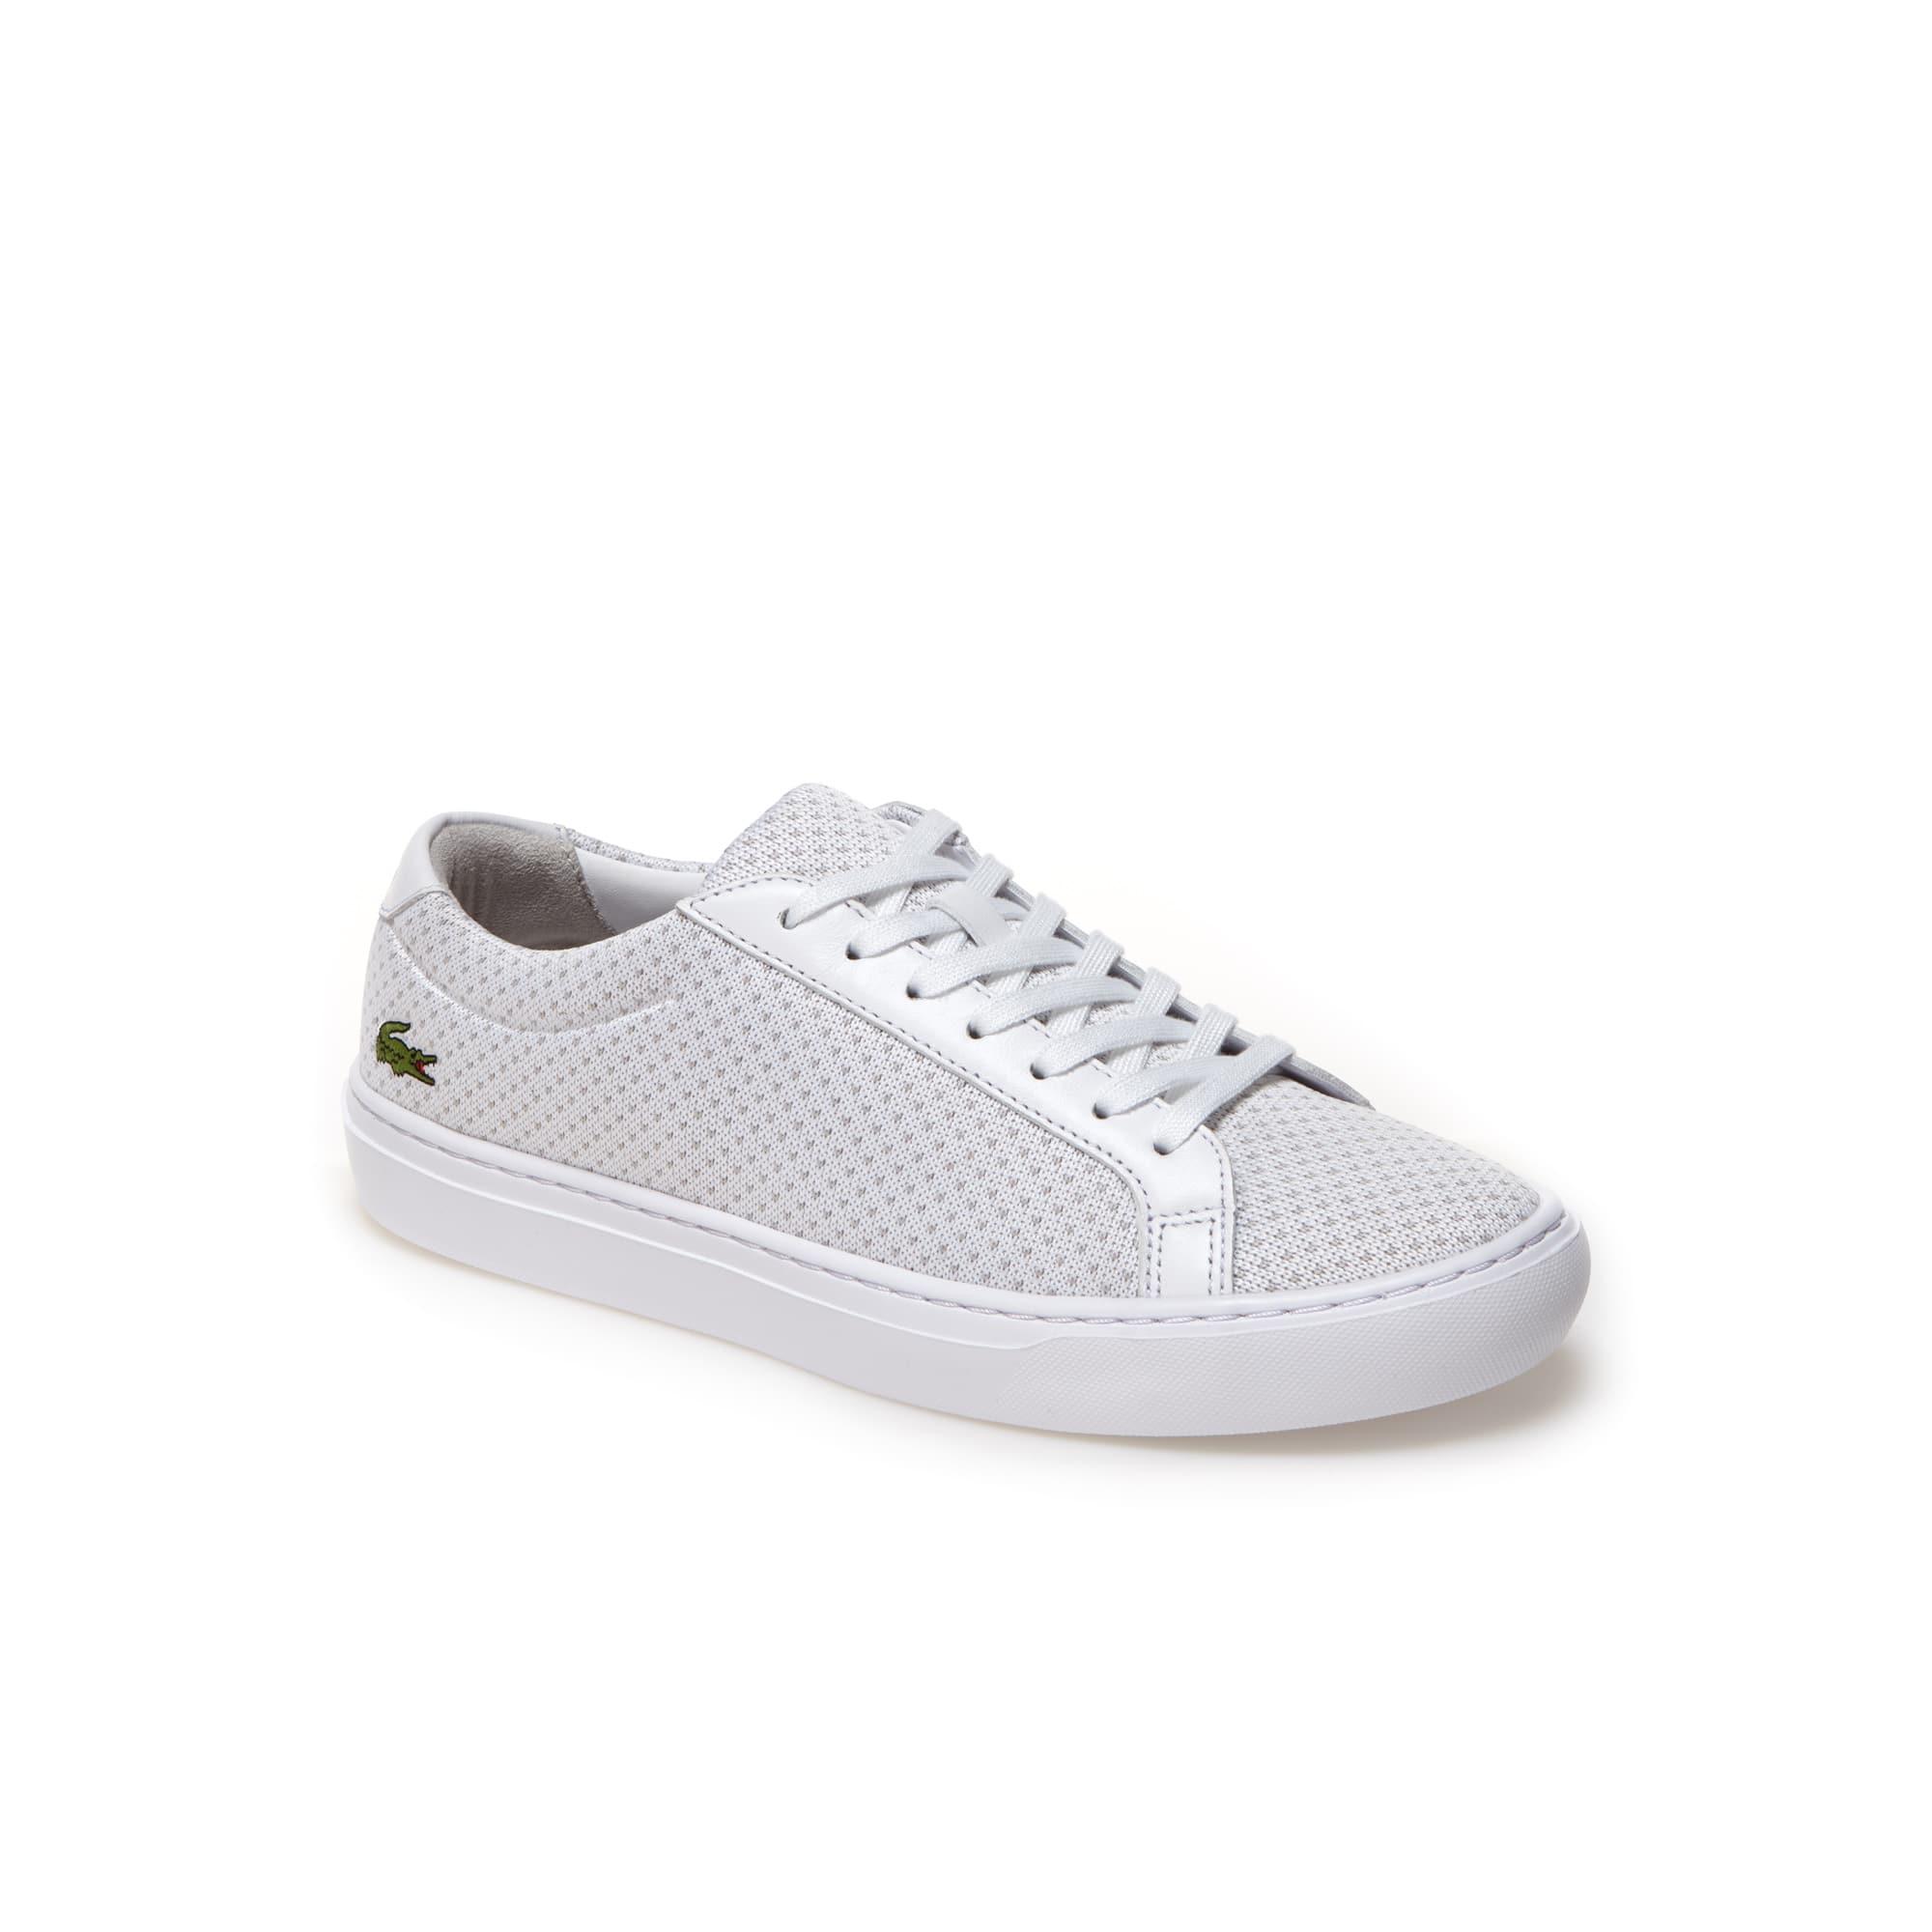 الحذاء النسيجي الخفيف للرجال L.12.12